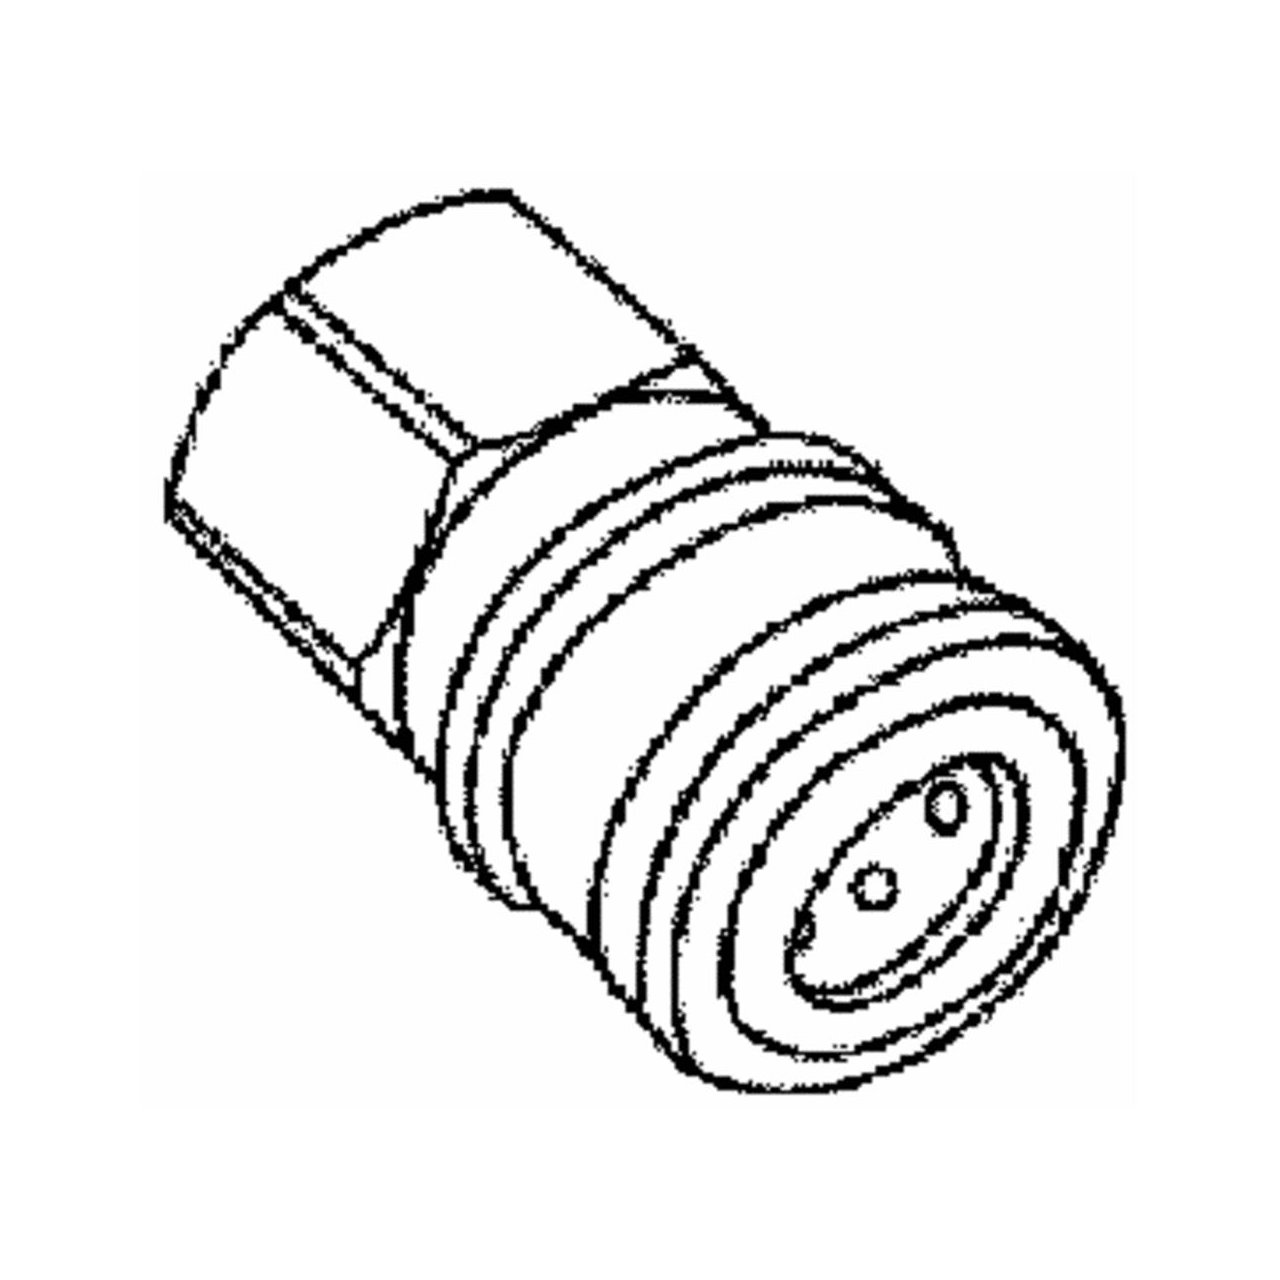 MI T M CORP AW-0017-0001 1/4 Fx1/4 FPT Socket